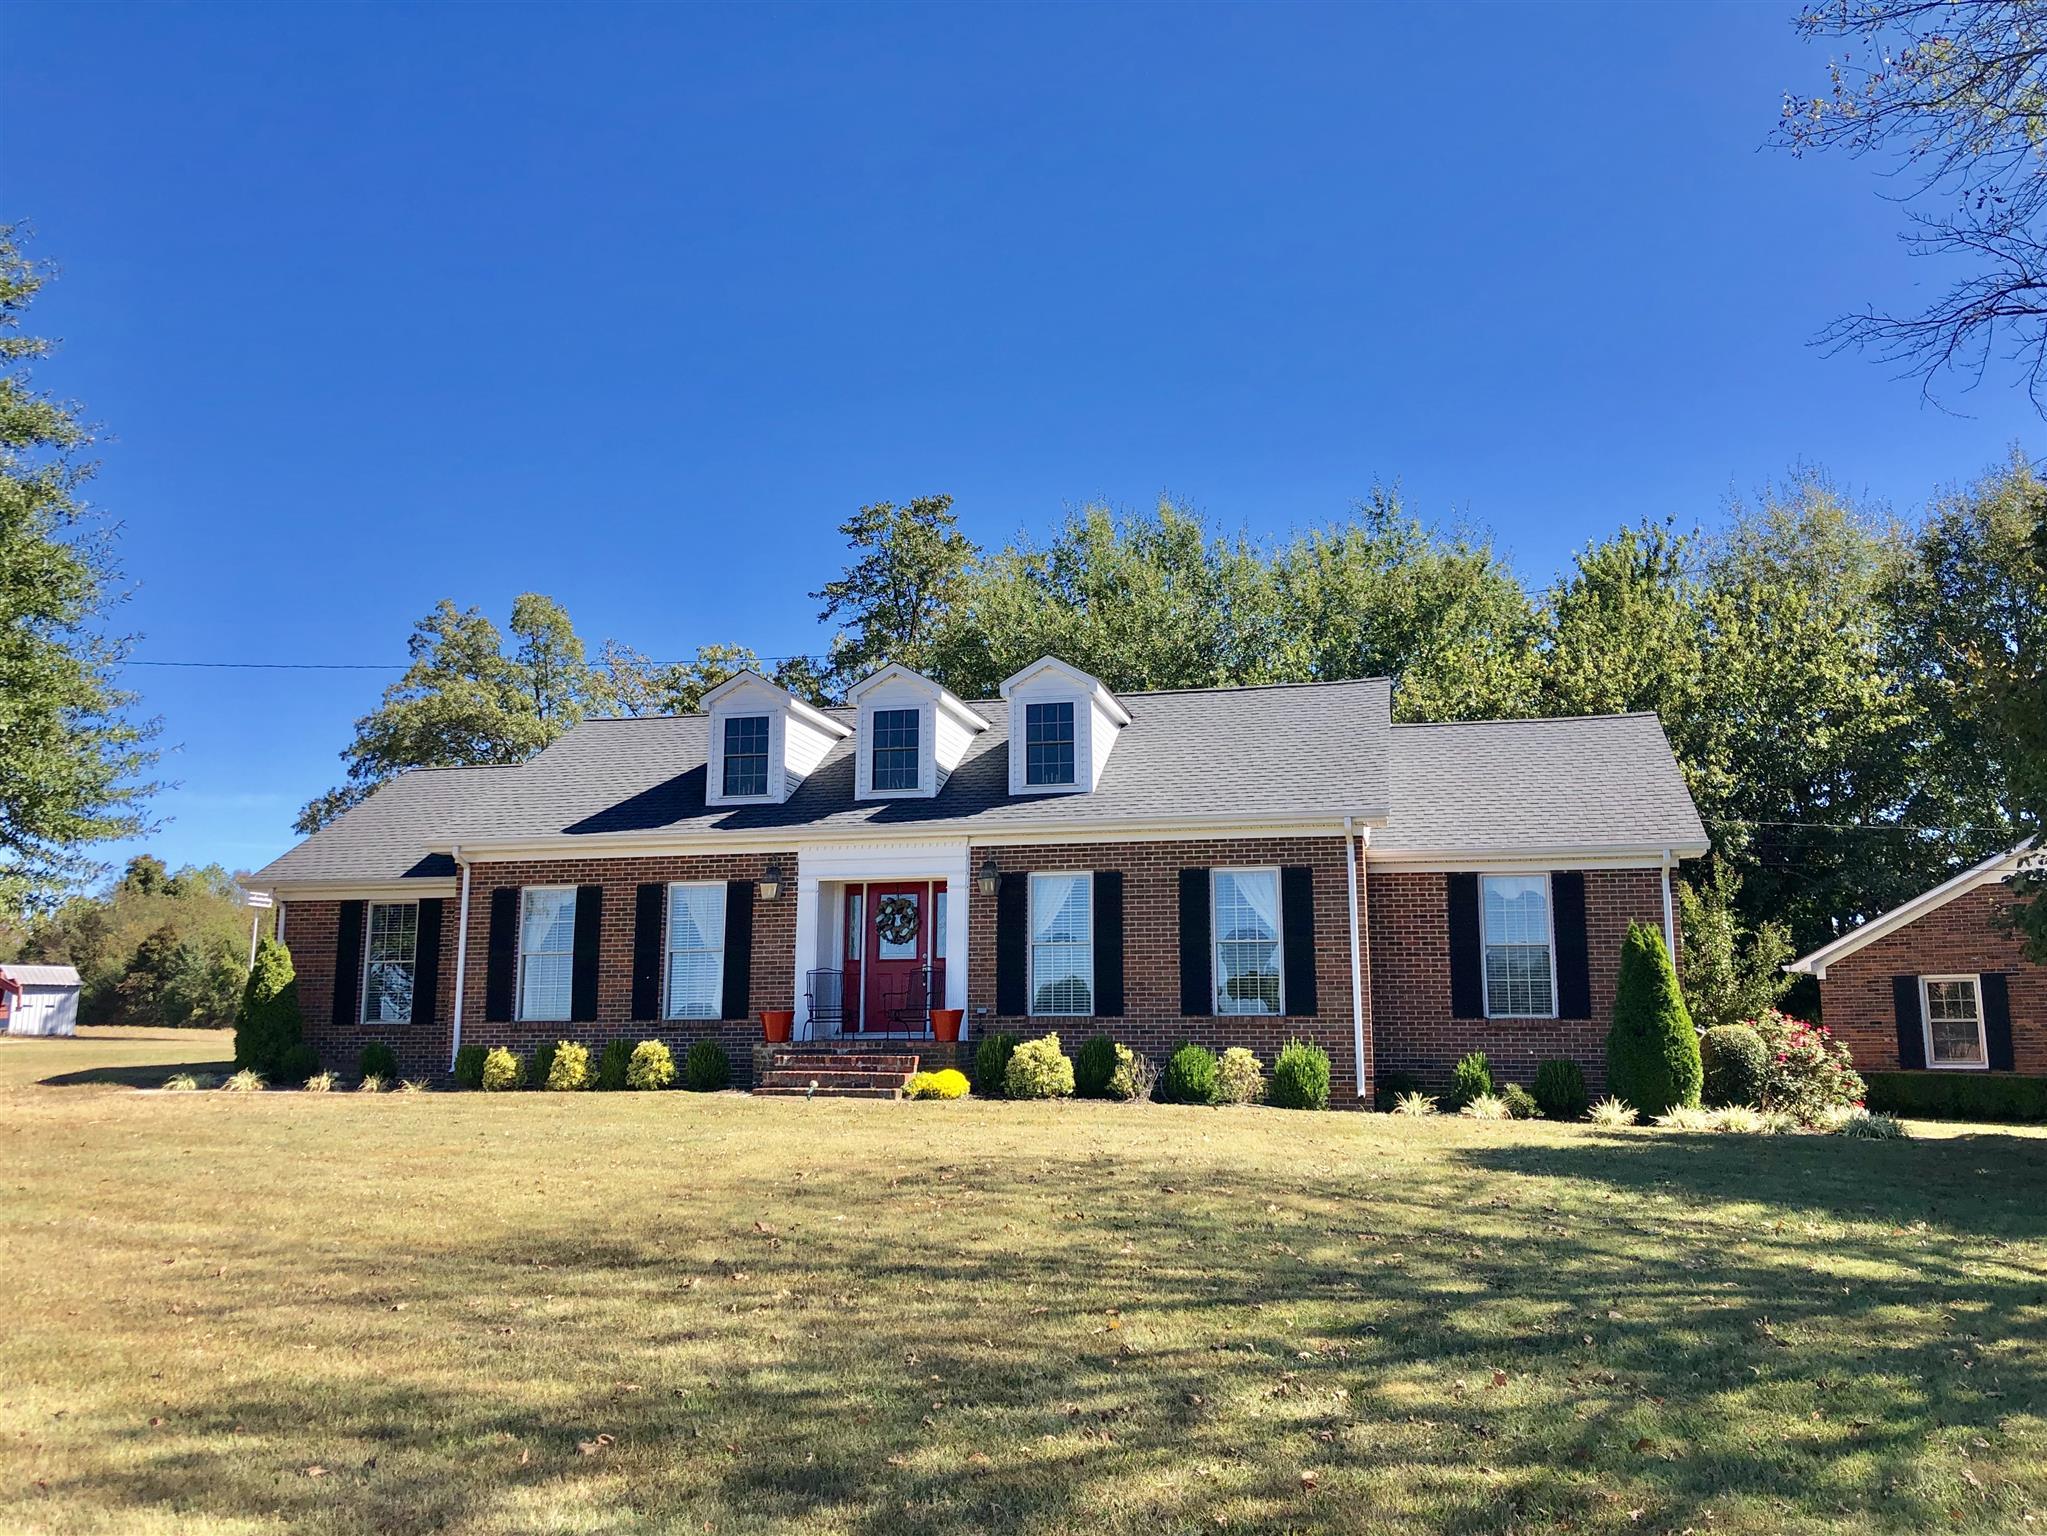 4714 Highway 43 N, N, Summertown, TN 38483 - Summertown, TN real estate listing